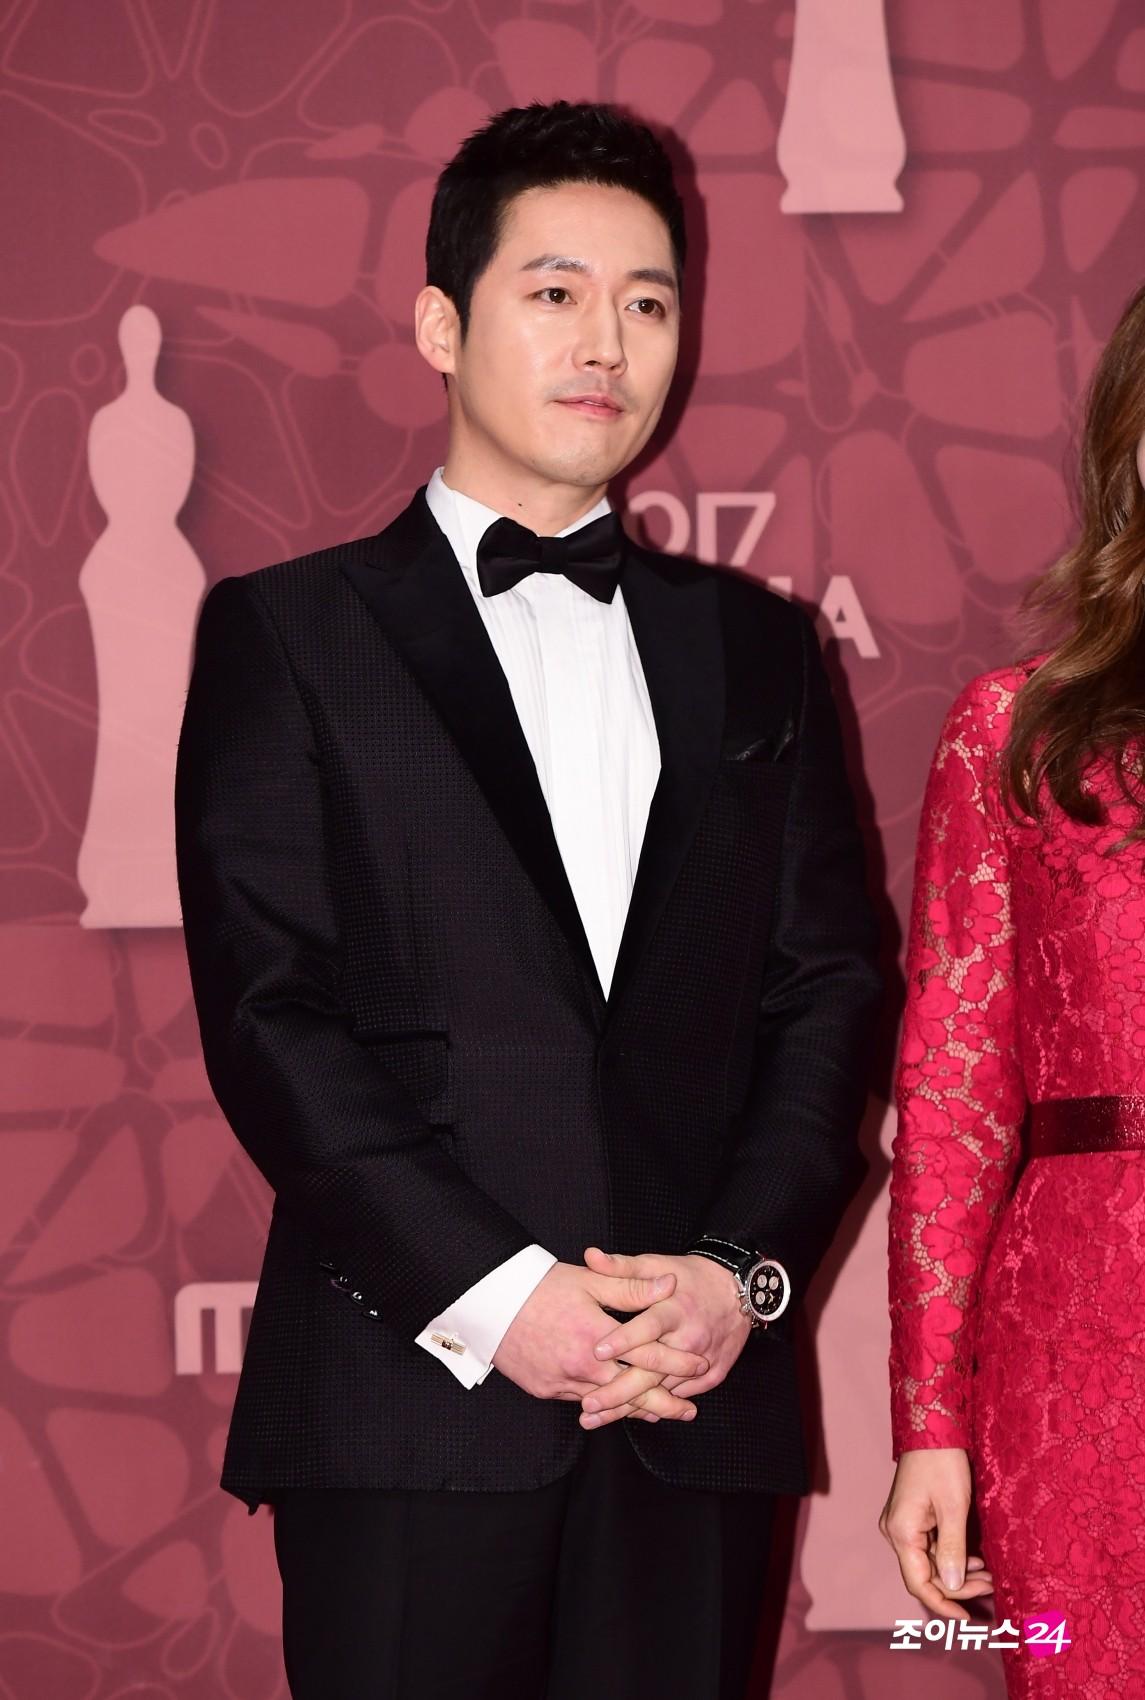 Thảm đỏ MBC Drama Awards hội tụ 30 sao khủng: Rắn độc Hyoyoung cúi người khoe ngực đồ sộ, chấp hết dàn mỹ nhân hạng A - Ảnh 40.